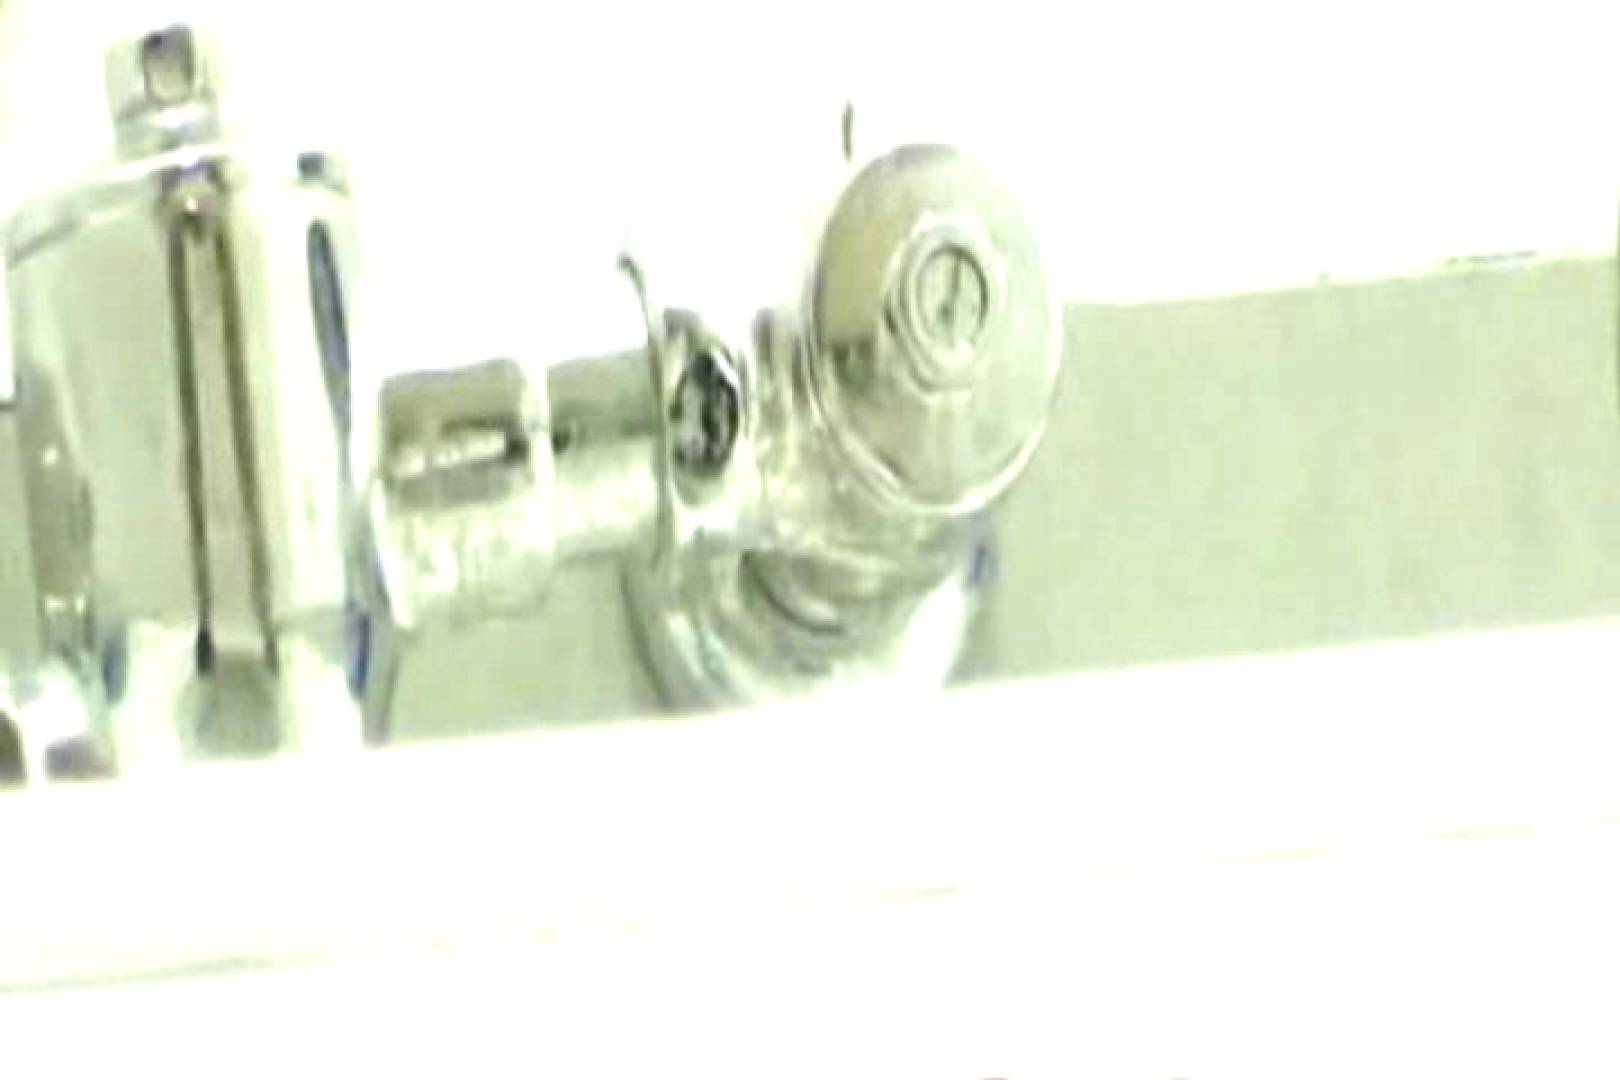 ぼっとん洗面所スペシャルVol.2 おまんこ オマンコ動画キャプチャ 106pic 95